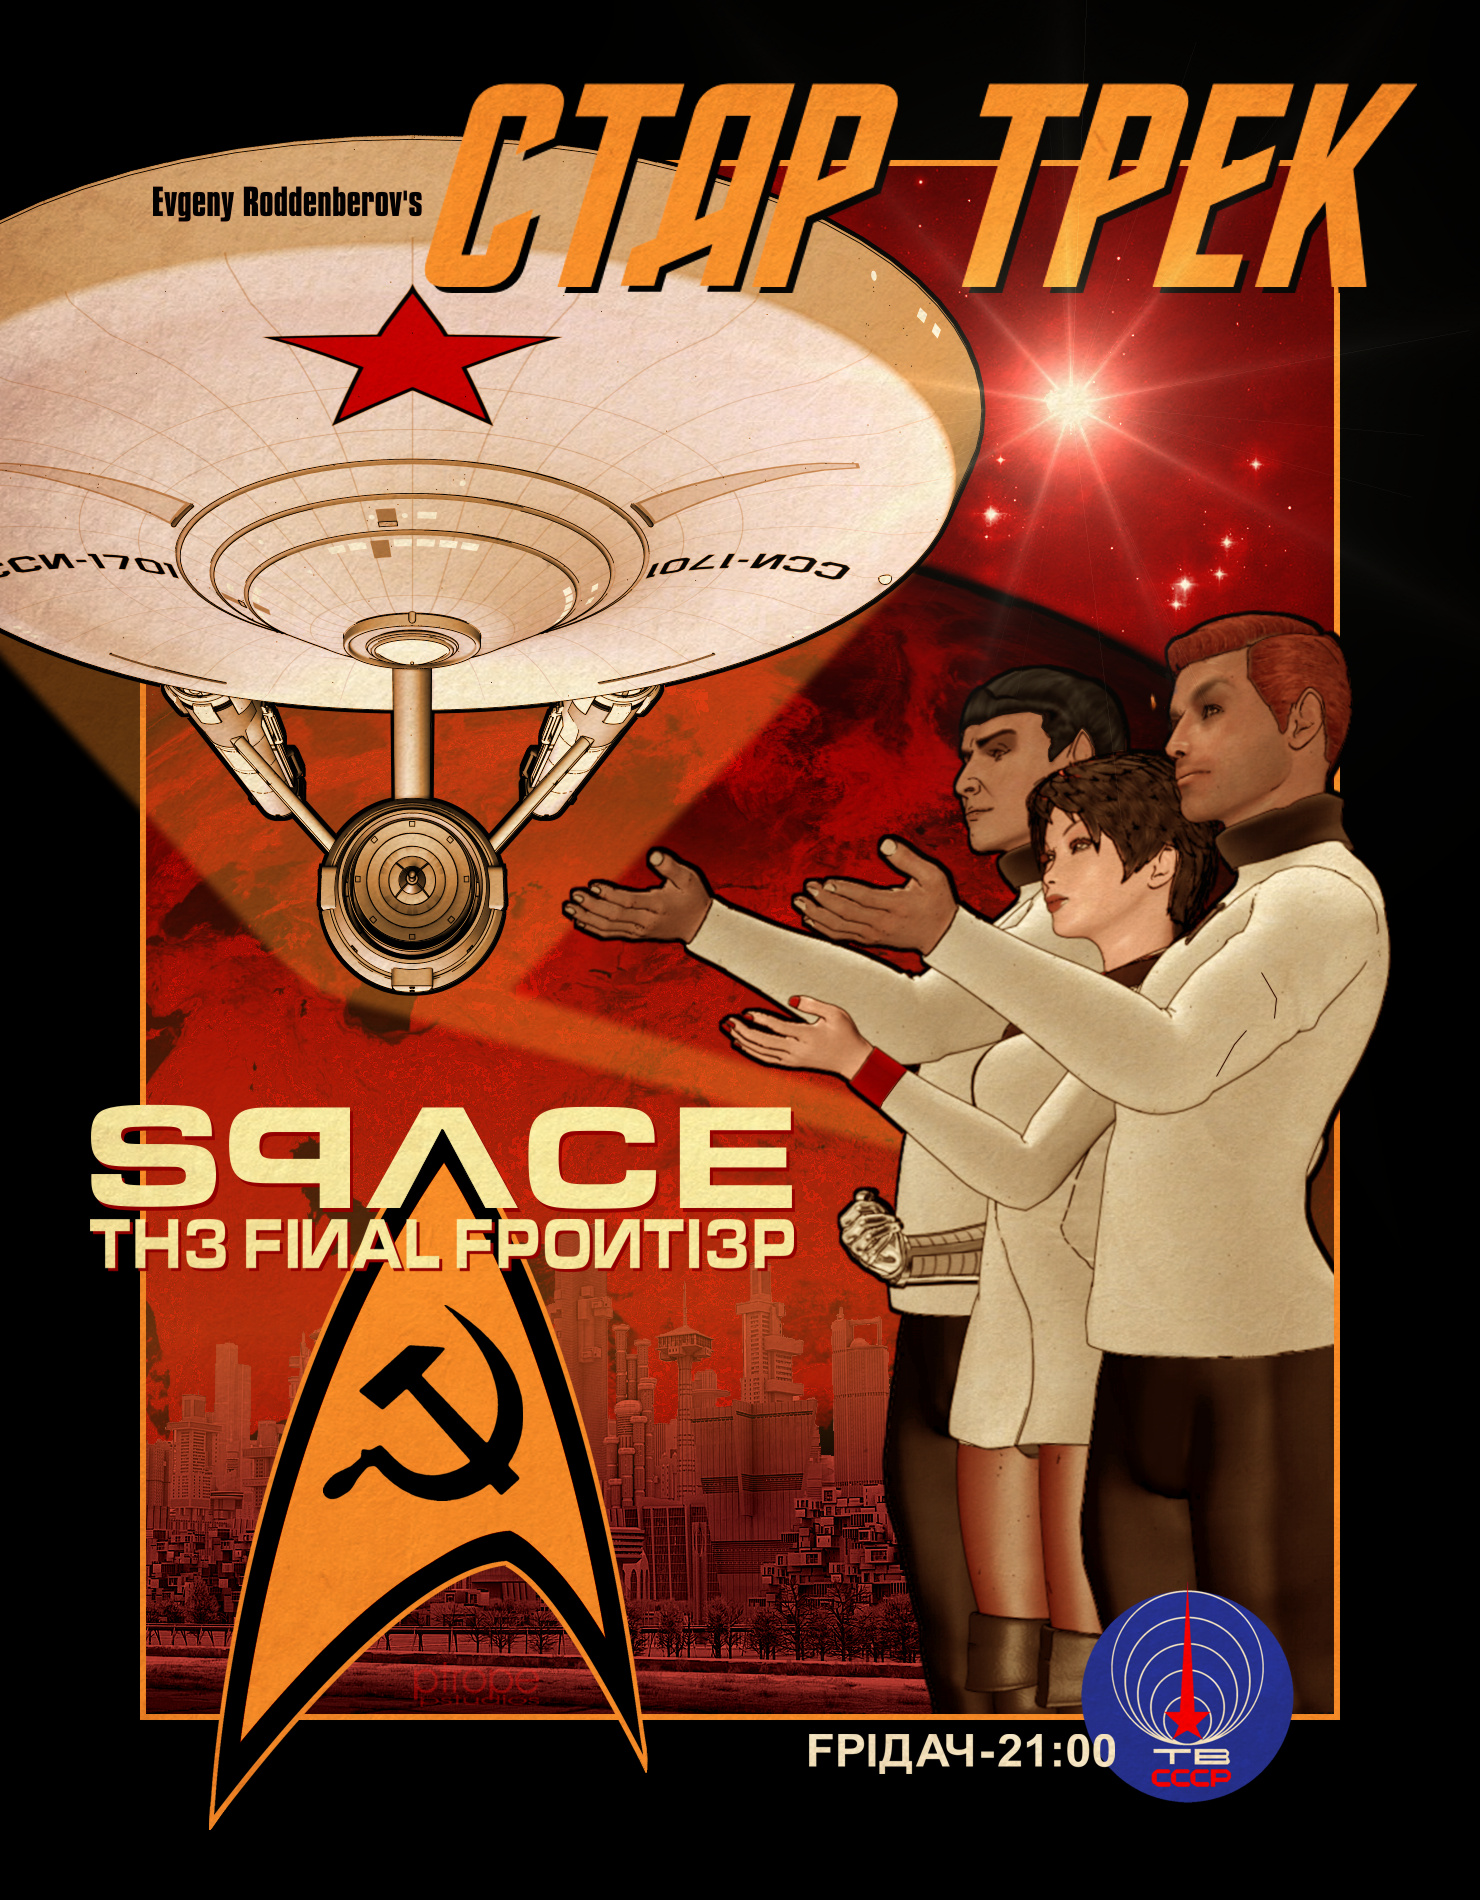 Ptrope_soviet_star_trek_poster.jpg